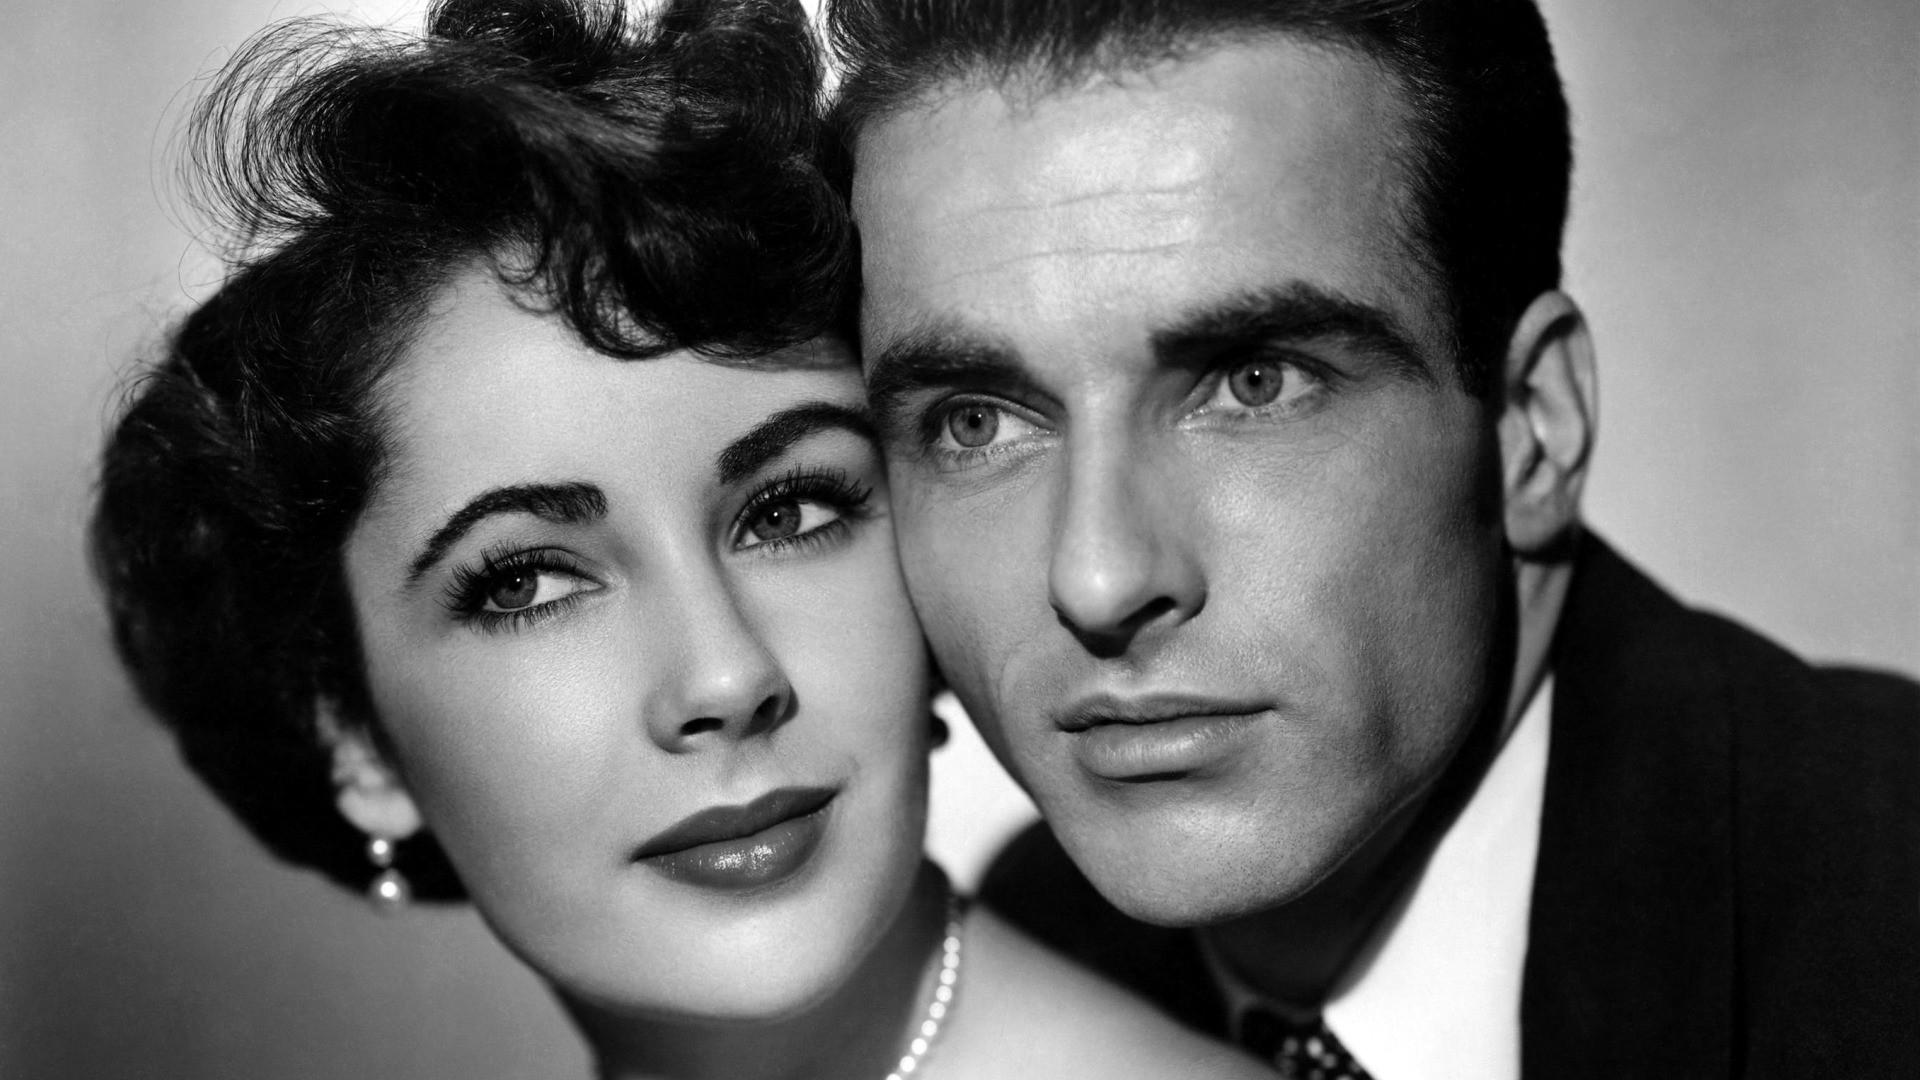 Elizabeth Taylor e Montgomery Clift como o casal perfeito de Um Lugar ao Sol (photo by filmkijker.files.wordpress.com)